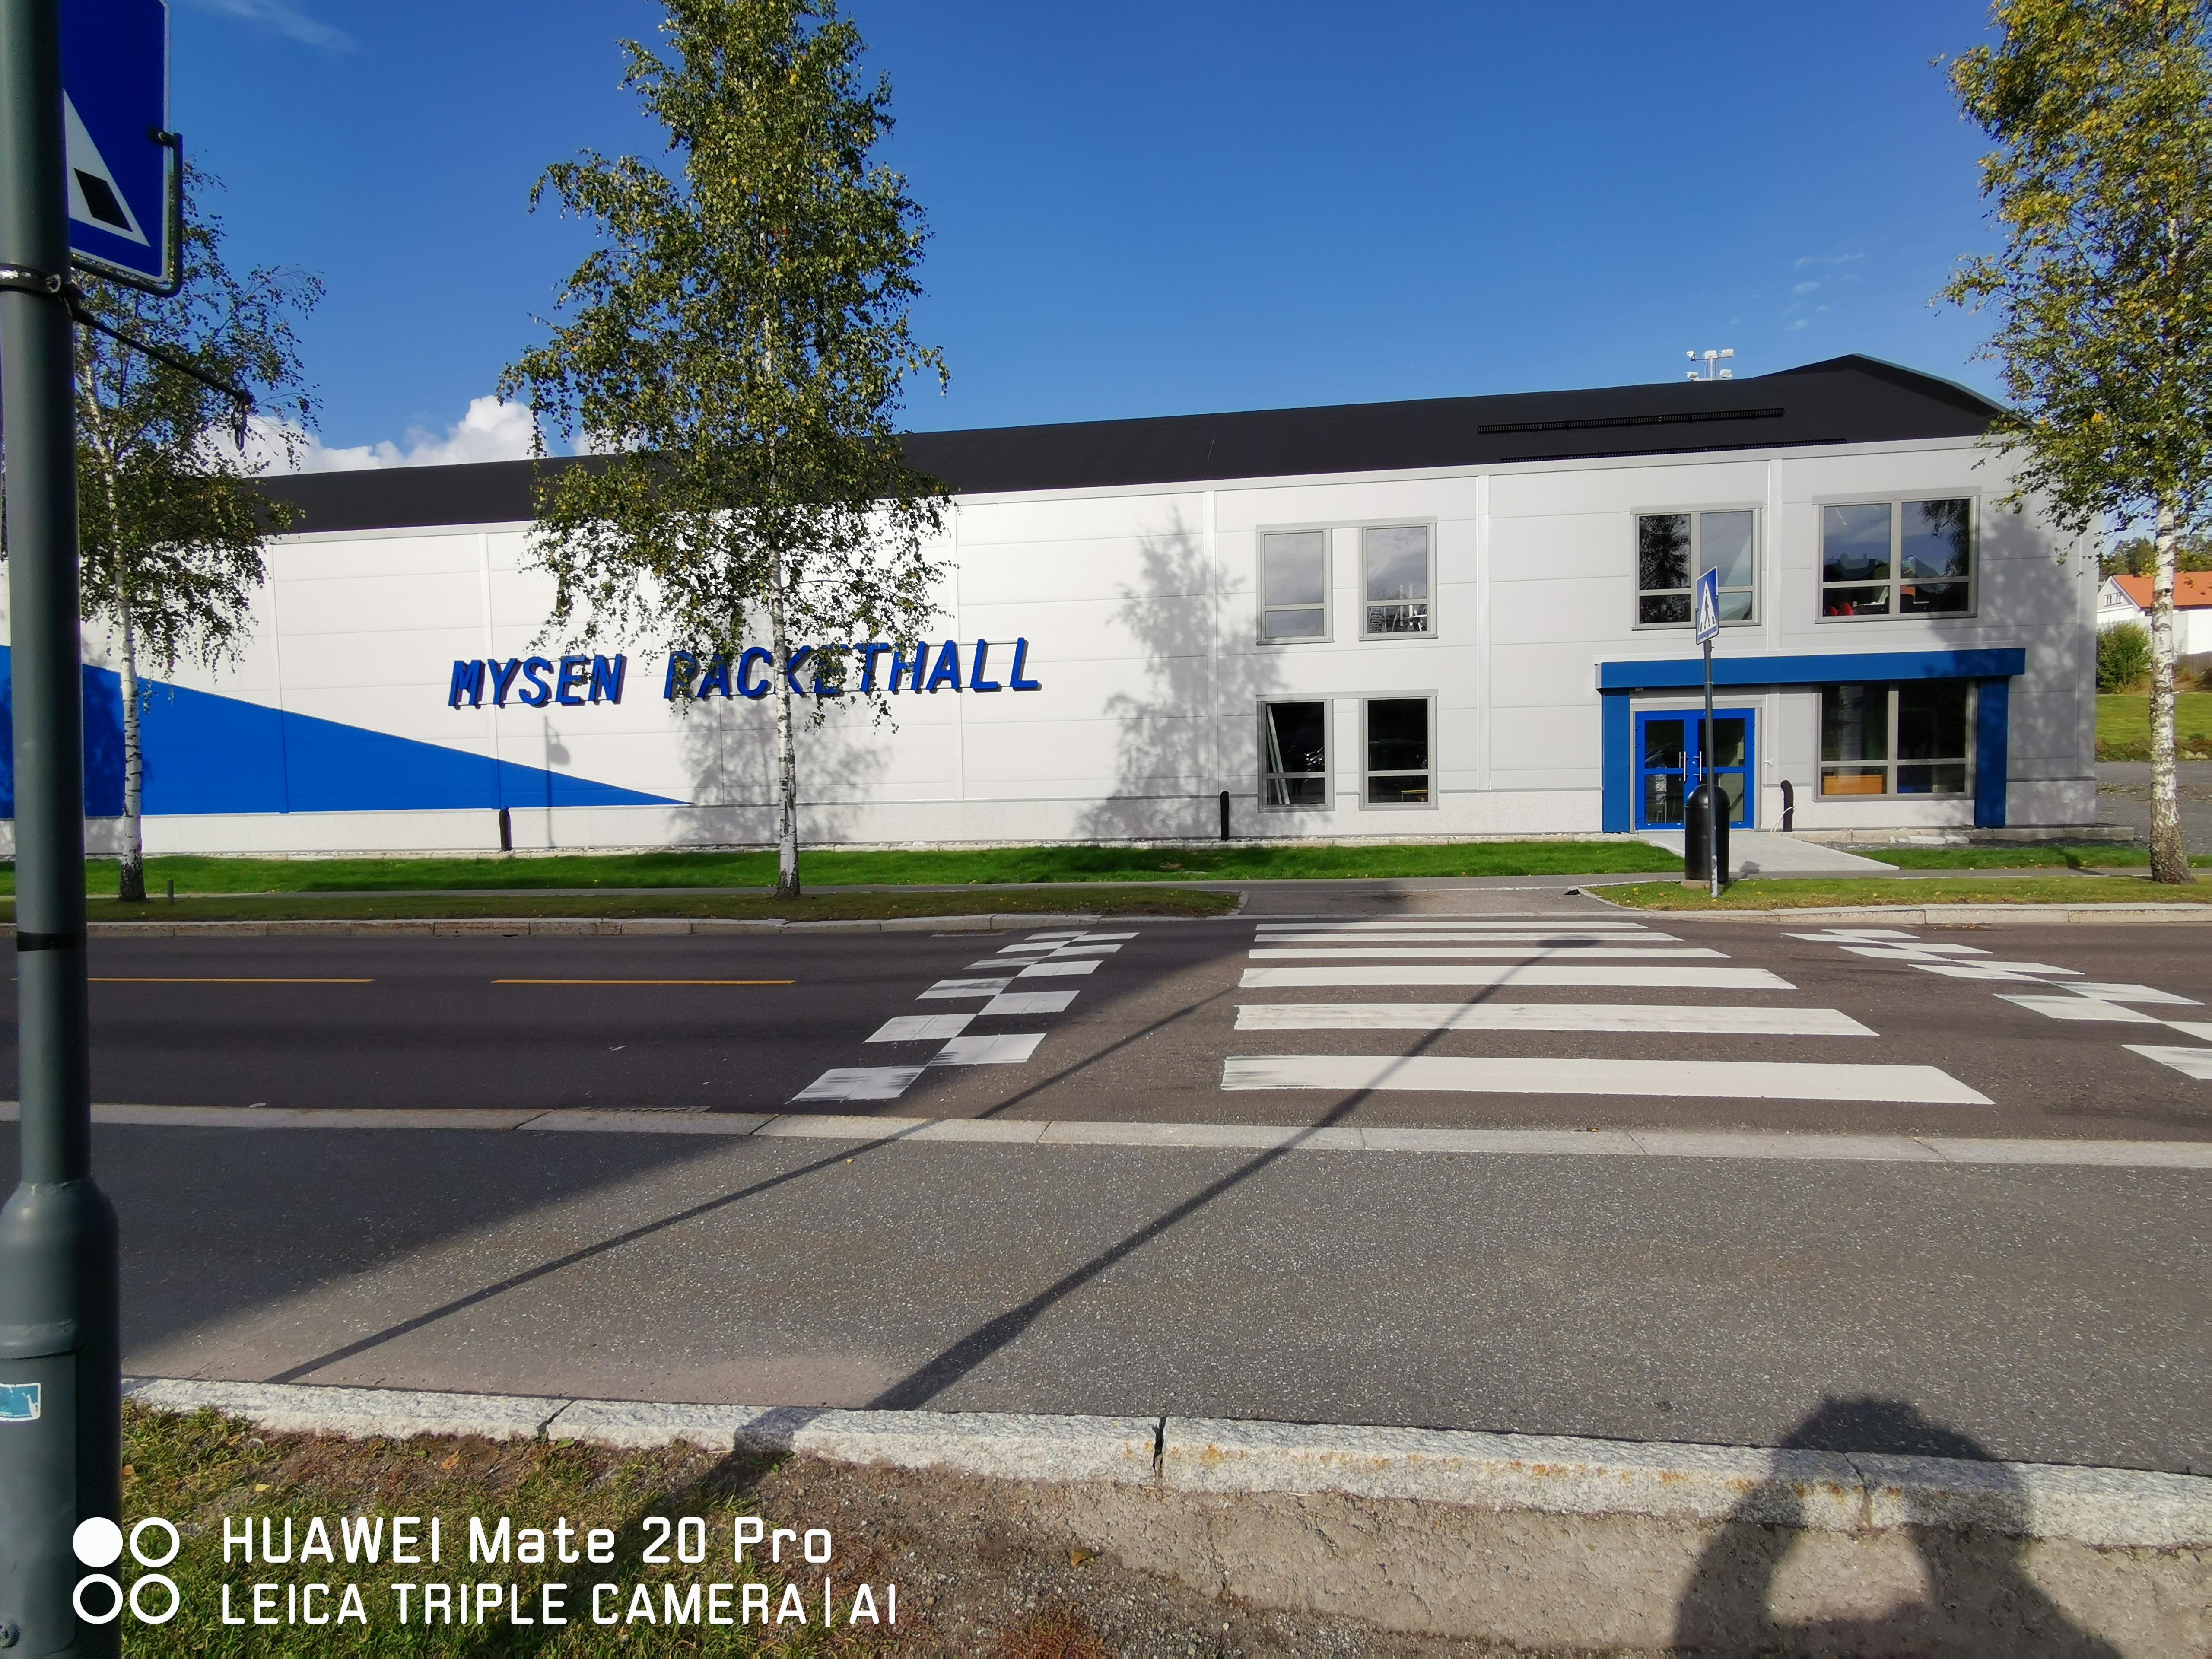 Fasade Mysen Rackethall